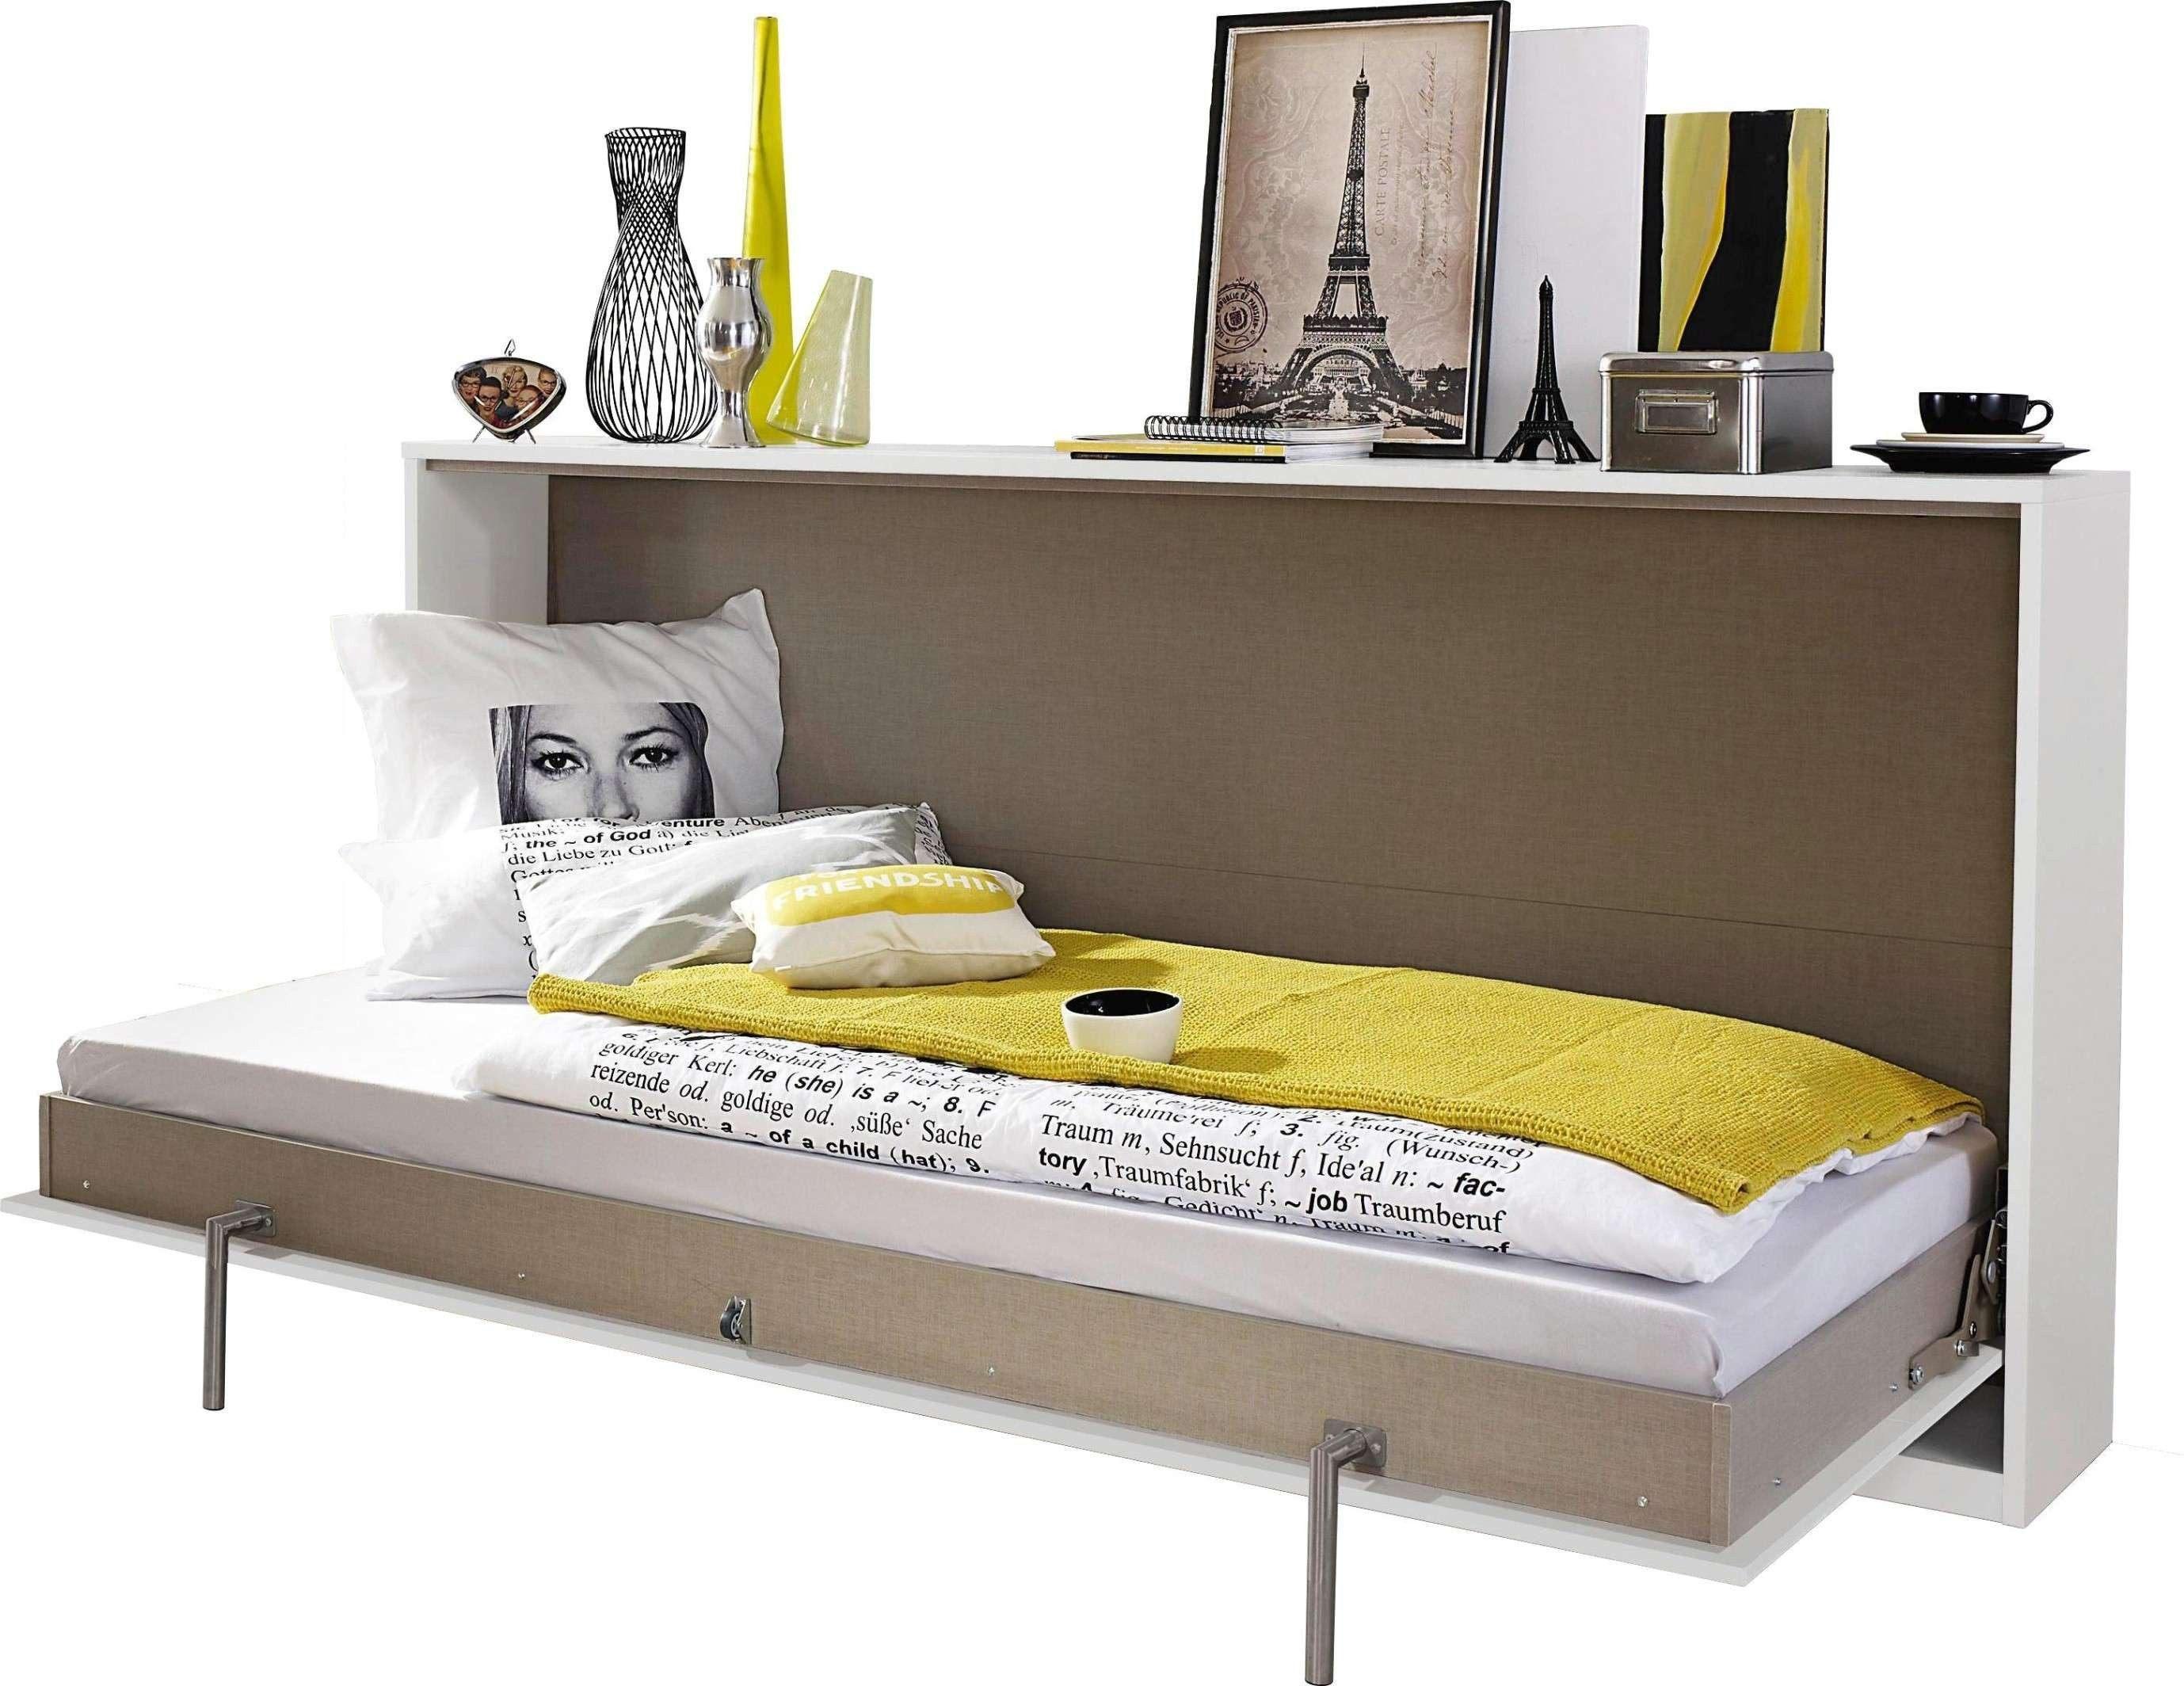 Lit Canapé Ikea Frais Chaise En Fer forgé Banc Fer forge Luxury Lit Fer Blanc 11